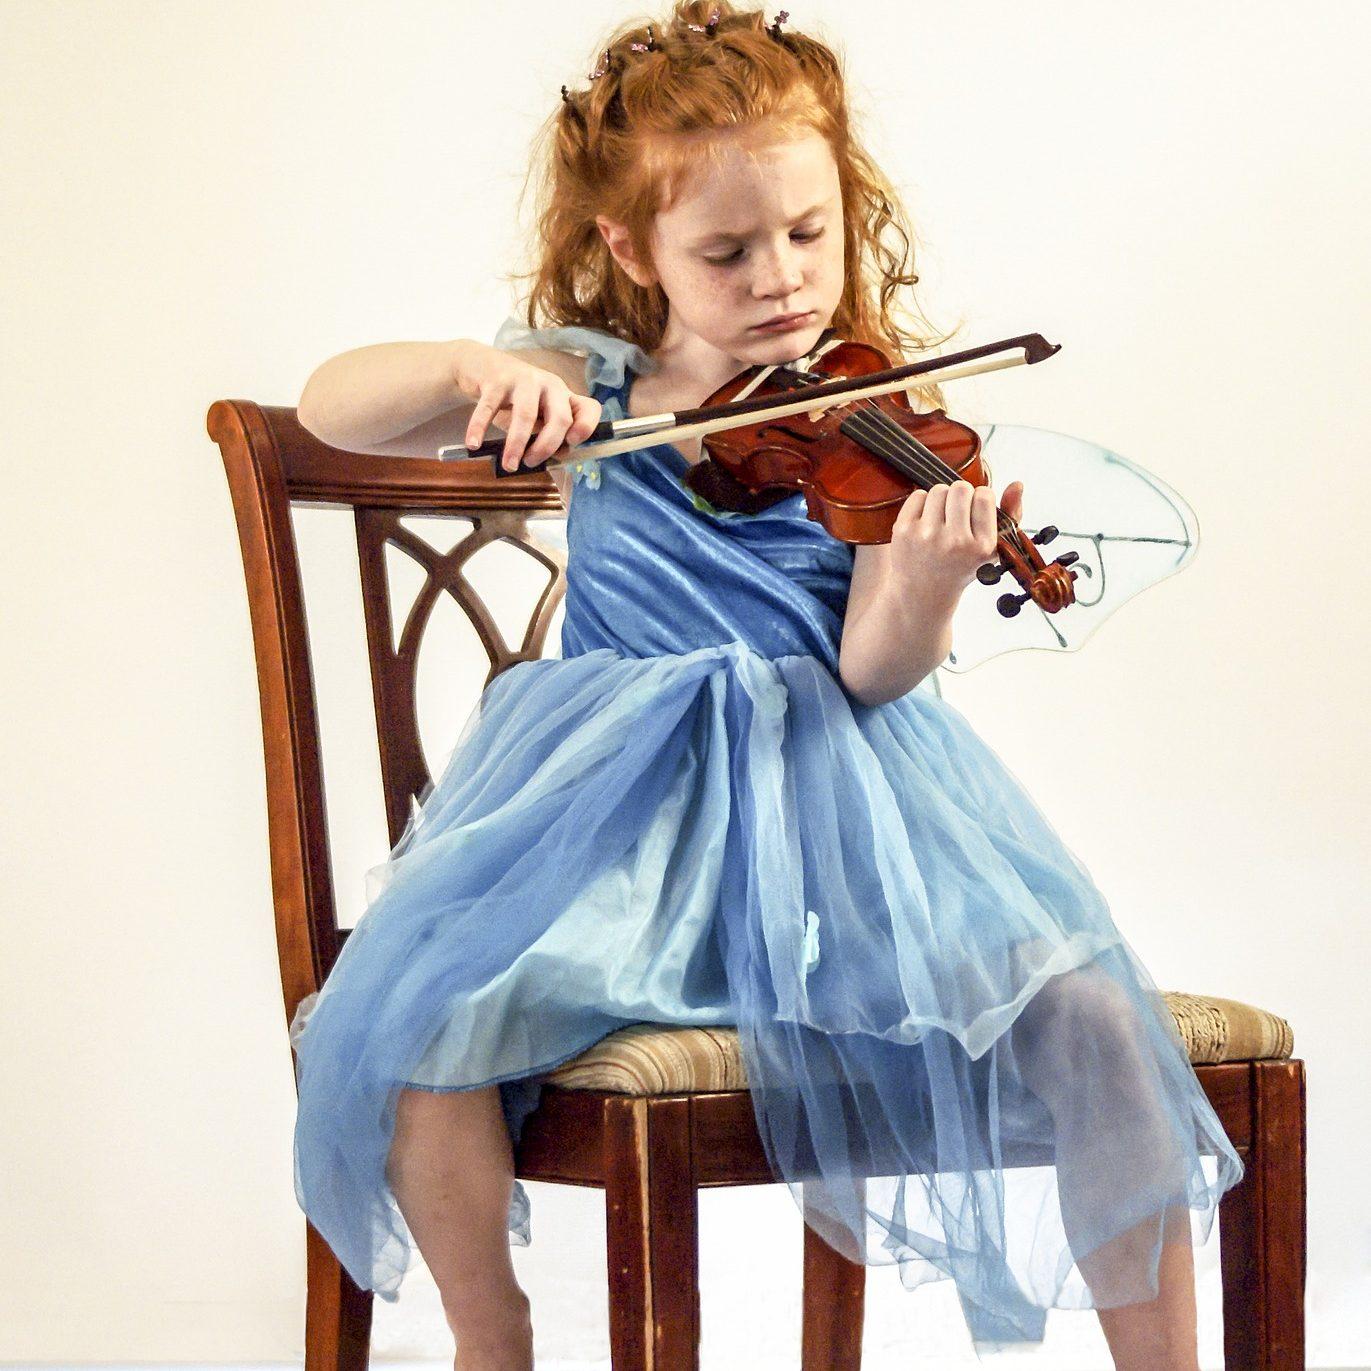 violin-1617972_1920